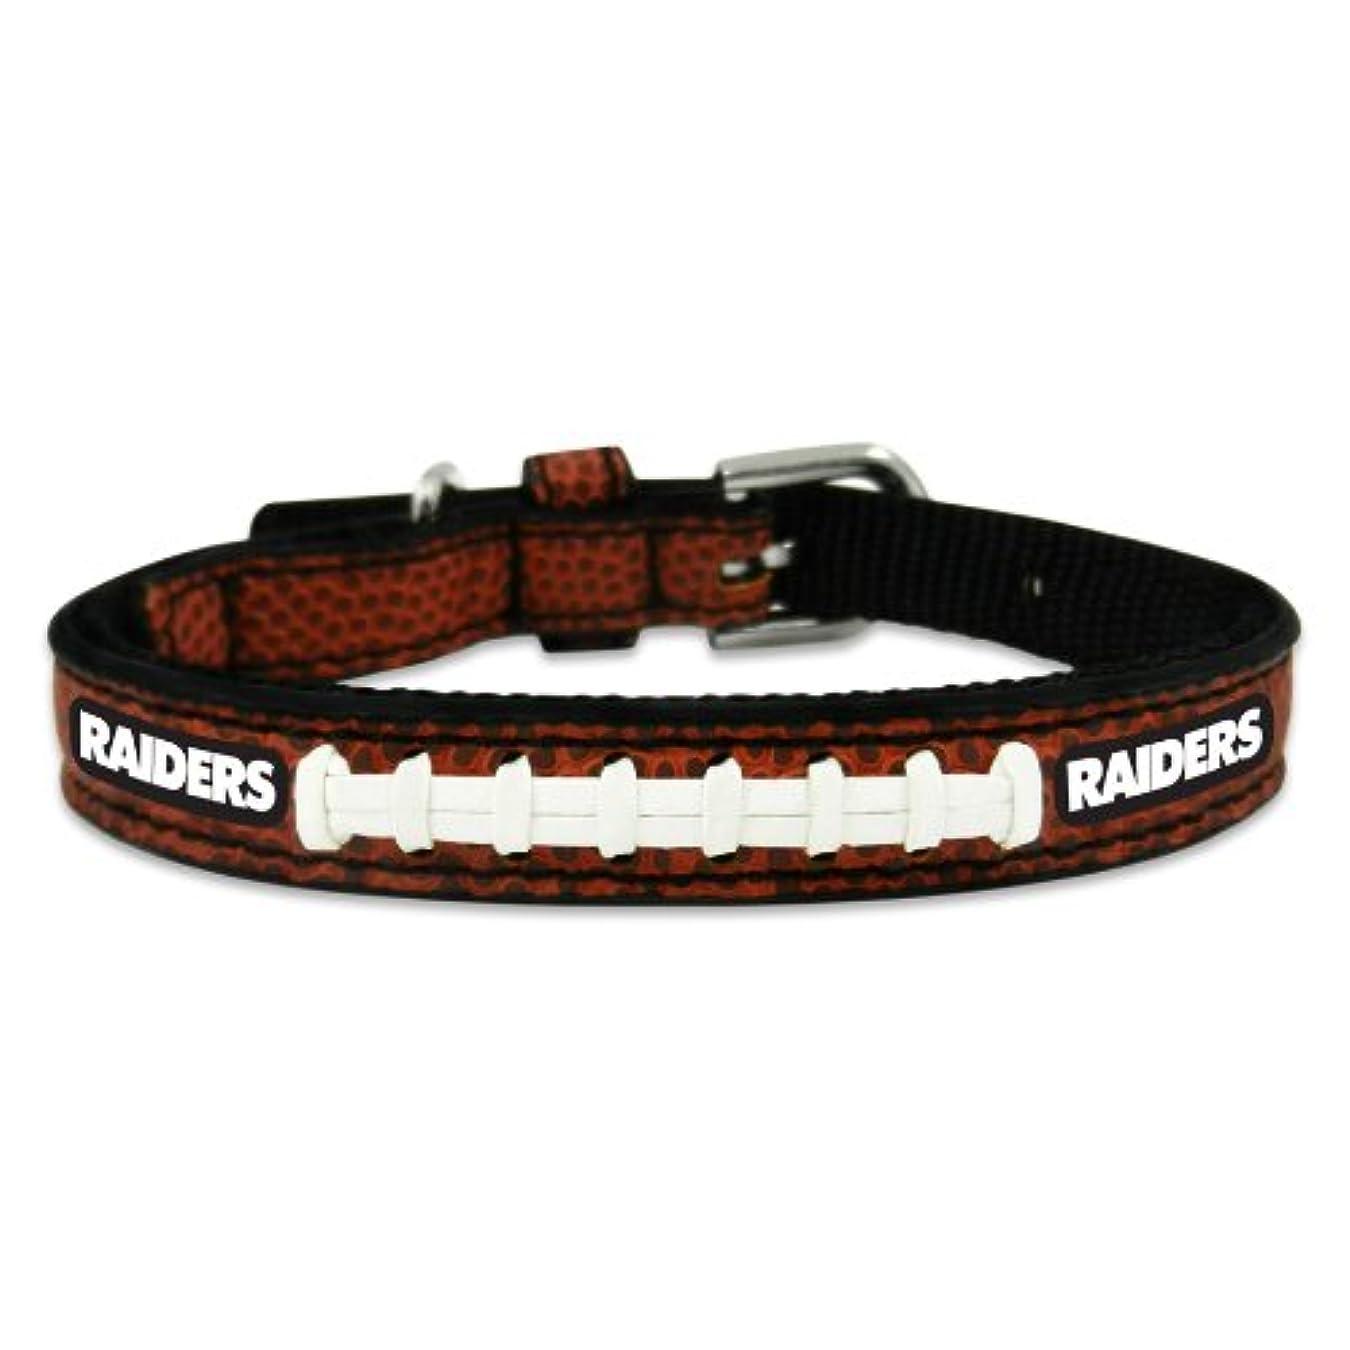 単語実験室アメリカOakland Raiders Classic Leather Toy Football Collar